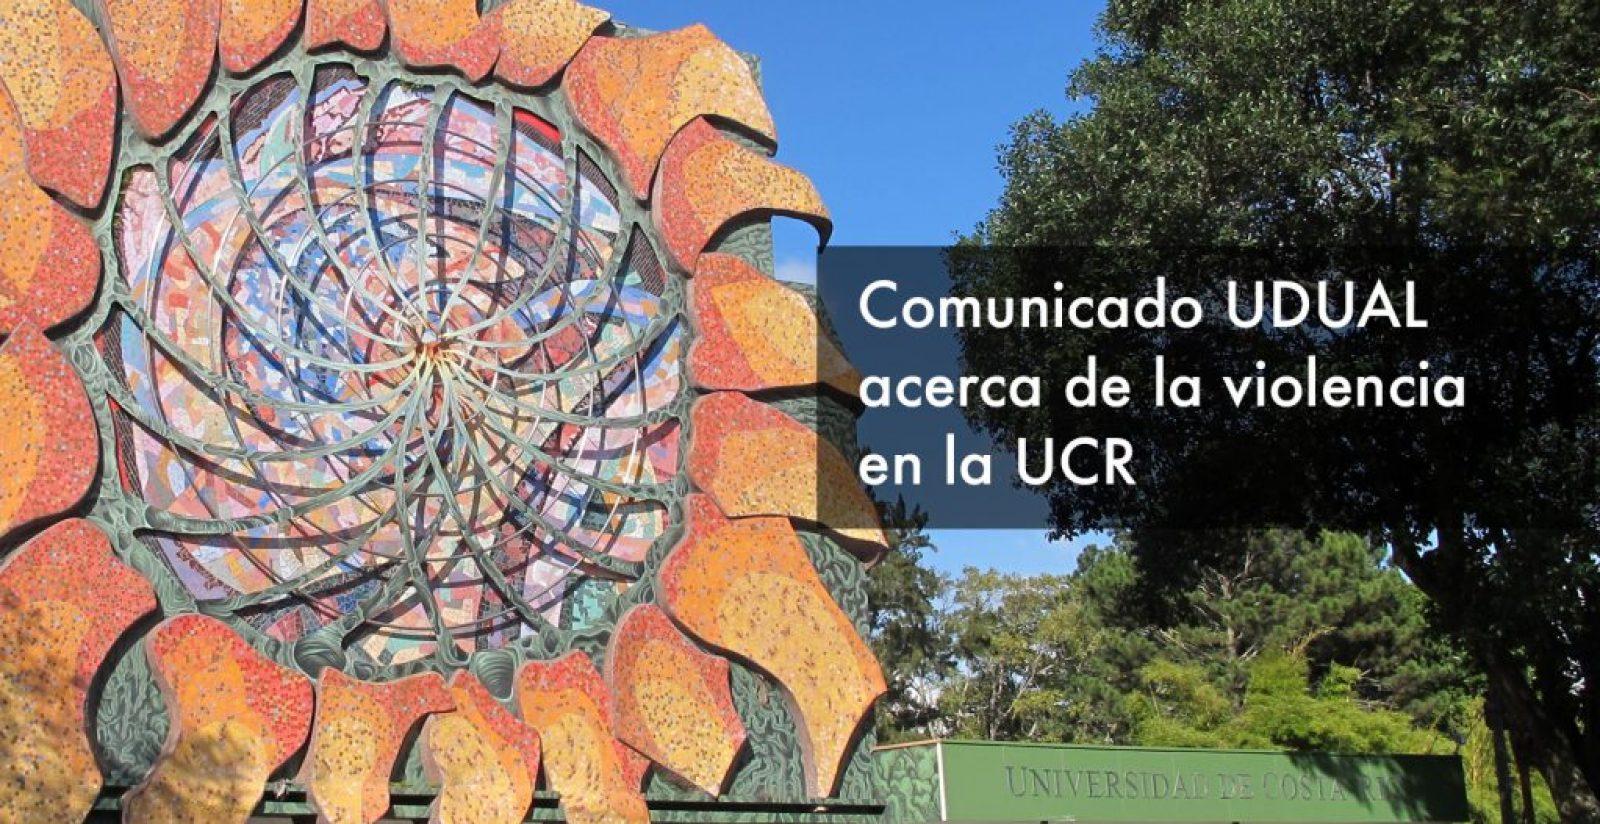 45-Comunicado-violencia-vs-ucr